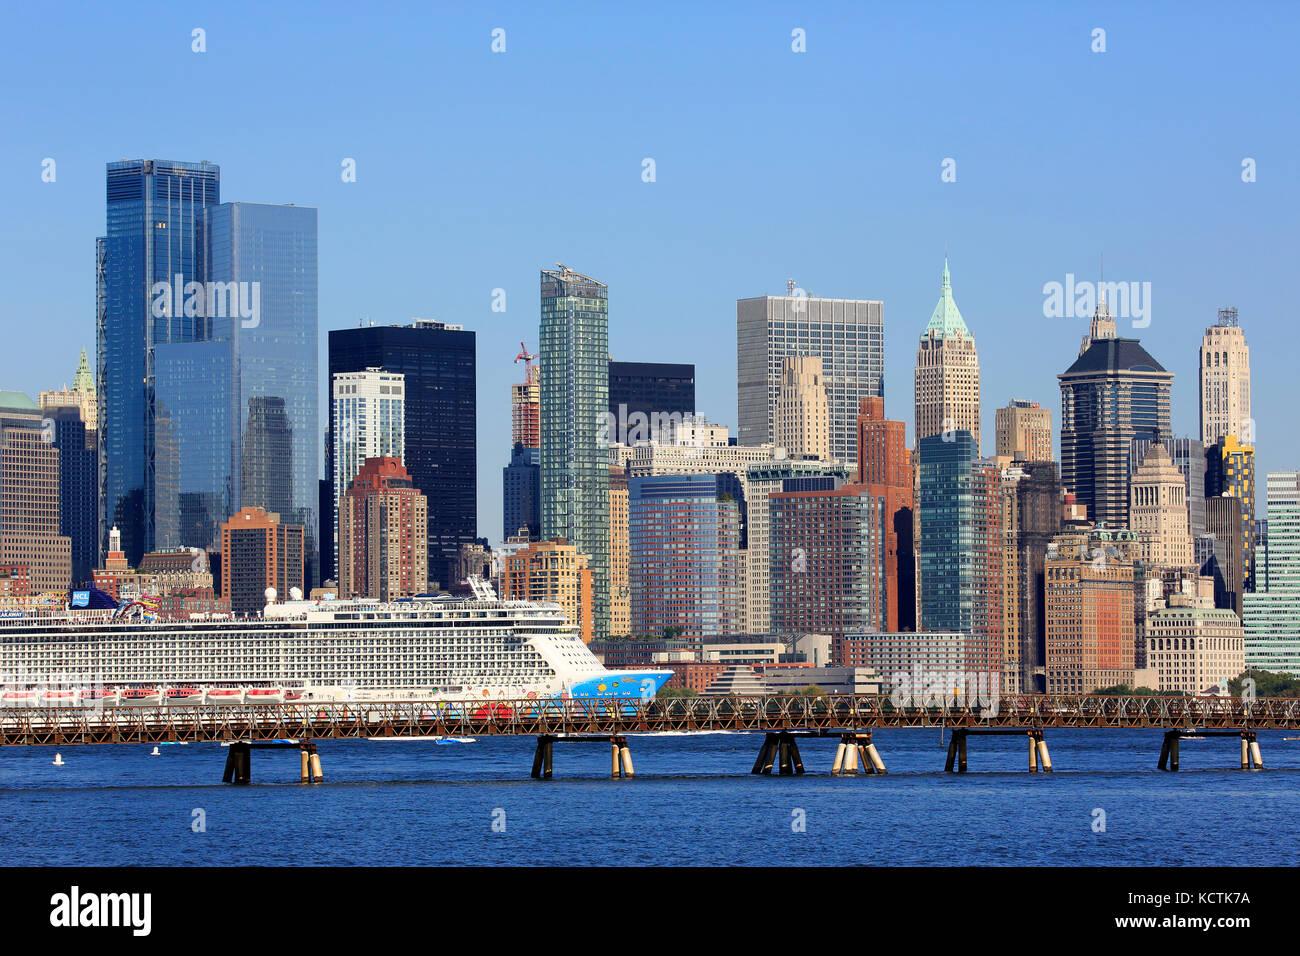 Norwegian breakaway bateau de croisière dans la rivière Hudson avec la skyline de manhattan quartier financier Photo Stock